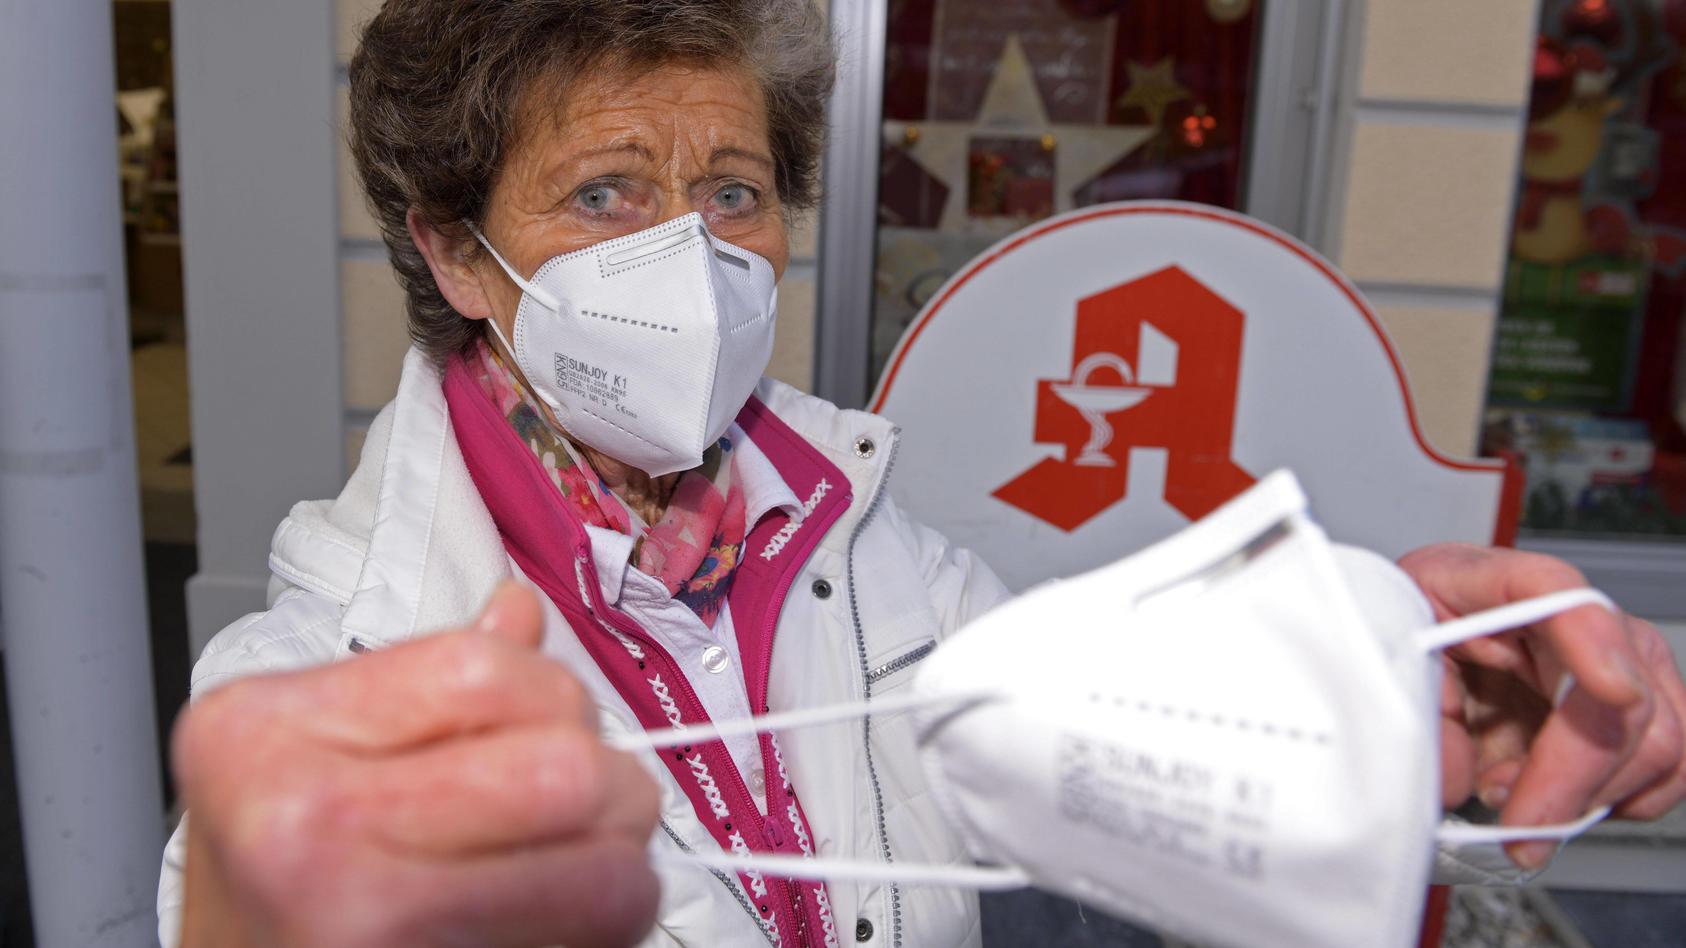 FFP2-Maskenpflicht in Bayern ab Montag in ÖPNV und Einzelhandel. Rentnerin Christa F